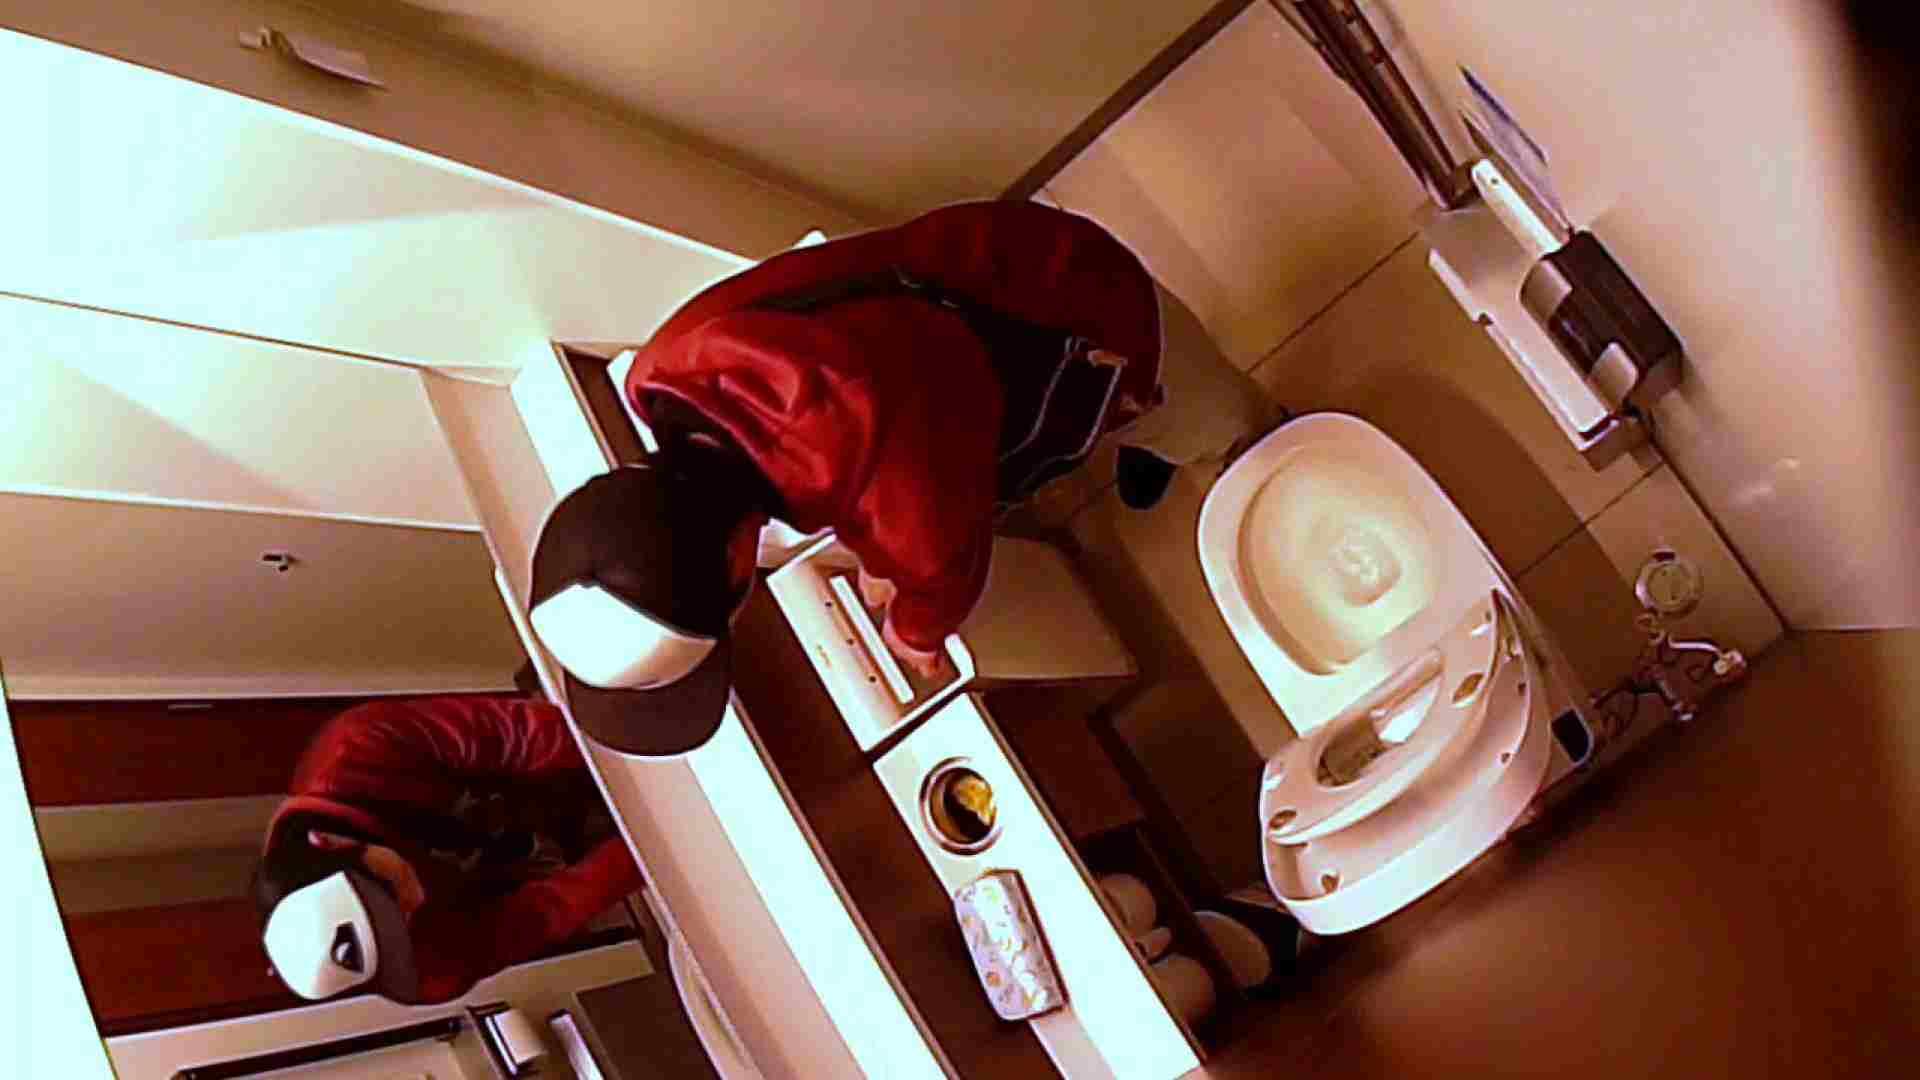 すみませんが覗かせてください Vol.31 トイレ | 0  94pic 27